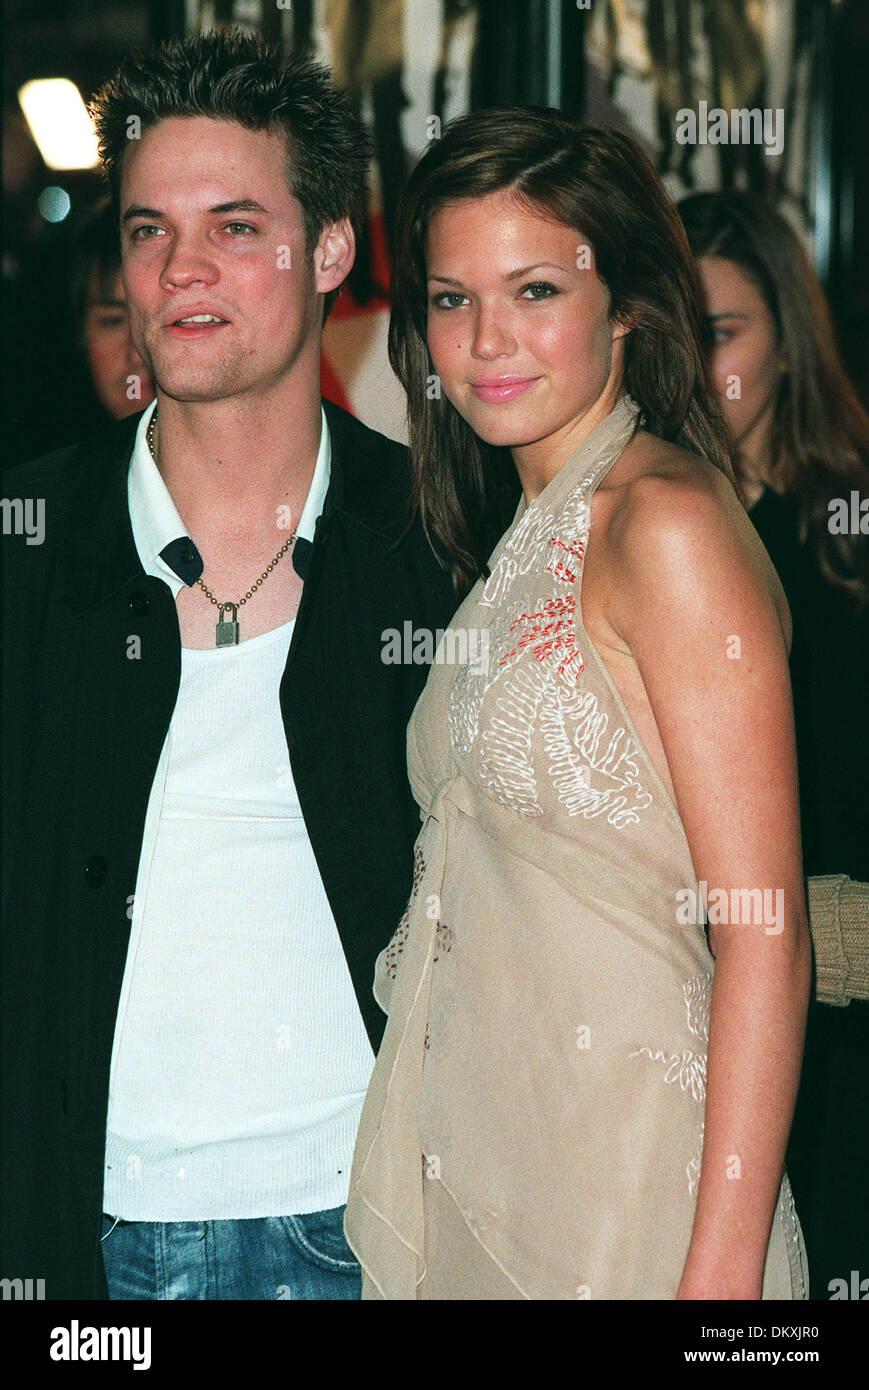 Shane West Y Mandy Moore Actor Y Actriz Los Angeles Ee Uu 05 12 2001 Mn55d32 Fotografia De Stock Alamy